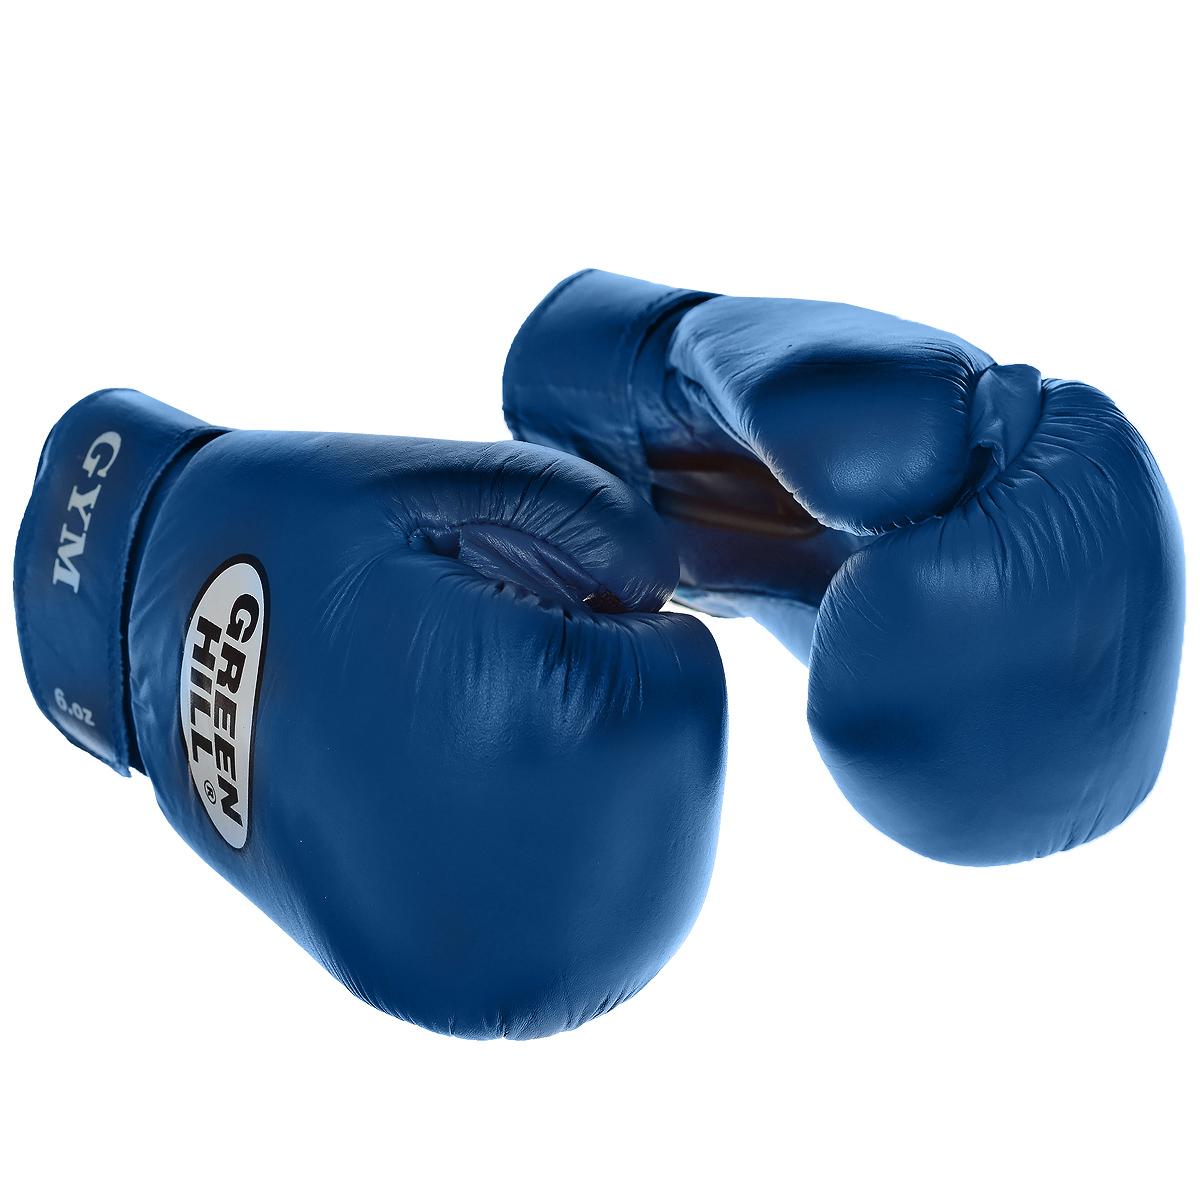 Перчатки боксерские Green Hill Gym, цвет: синий. Вес 12 унцийBGG-2018Боксерские тренировочные перчатки Green Hill Gym выполнены из натуральной кожи. Они специально разработаны для тренировочных спаррингов. Перфорированная поверхность в области ладони позволяет создать максимально комфортный терморежим во время занятий. Наполнитель из предварительно сформированного пенополиуретана. Широкий ремень, охватывая запястье, полностью оборачивается вокруг манжеты, благодаря чему создается дополнительная защита лучезапястного сустава от травмирования. Застежка на липучке способствует быстрому и удобному одеванию перчаток, плотно фиксирует перчатки на руке.